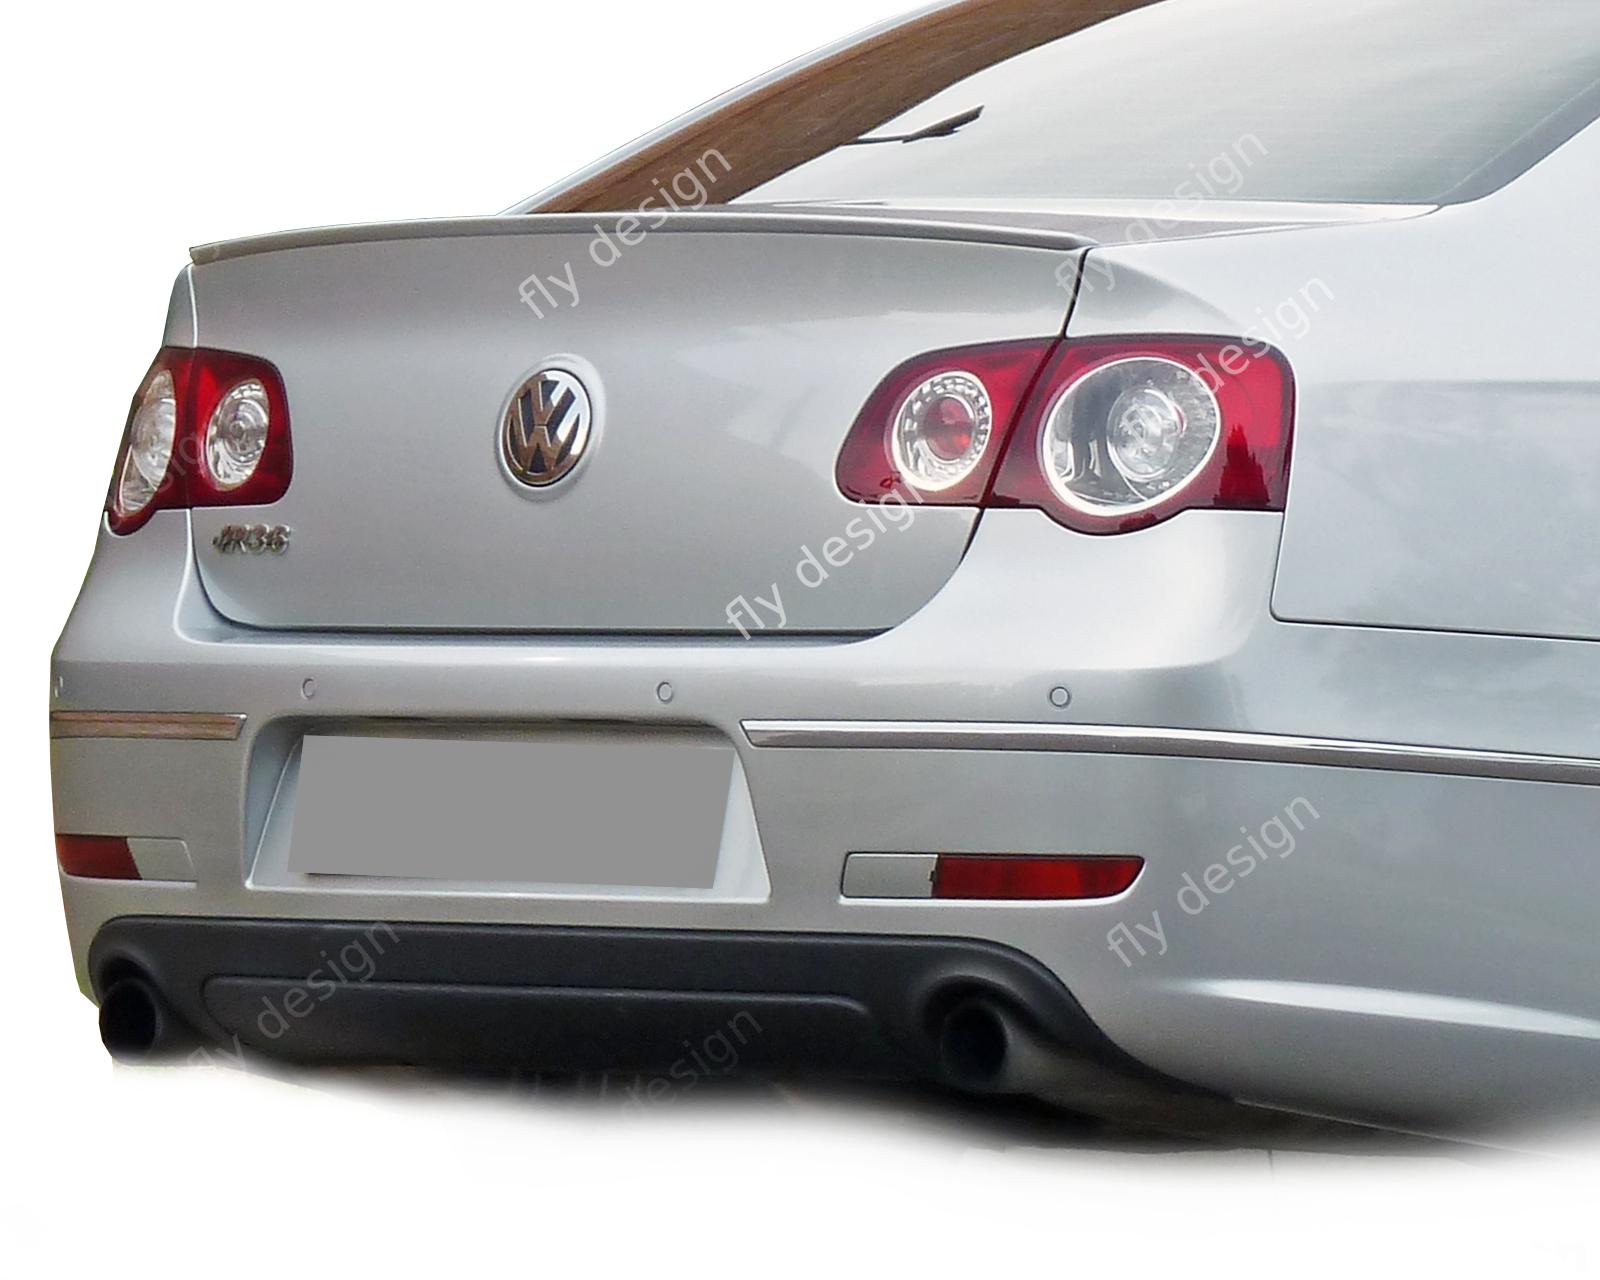 Vw Passat Limousine R Line Stil Tuning 2005 10 Spoiler